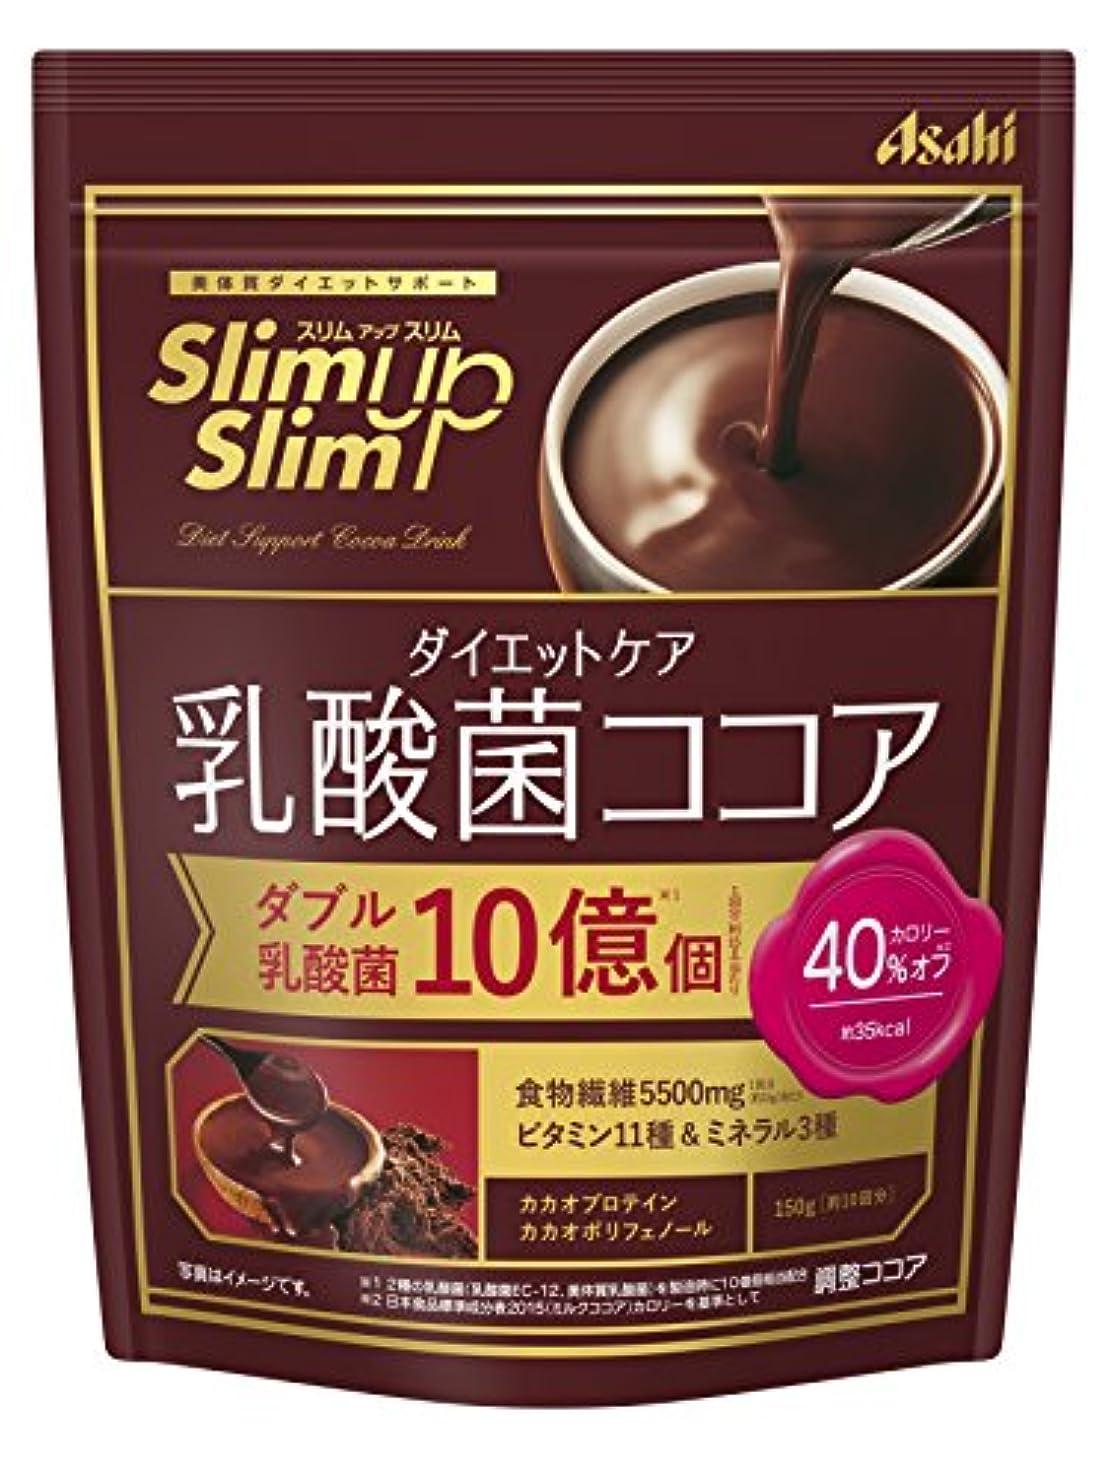 すり定刻スプレースリムアップスリム ダイエットケア乳酸菌ココア 150g